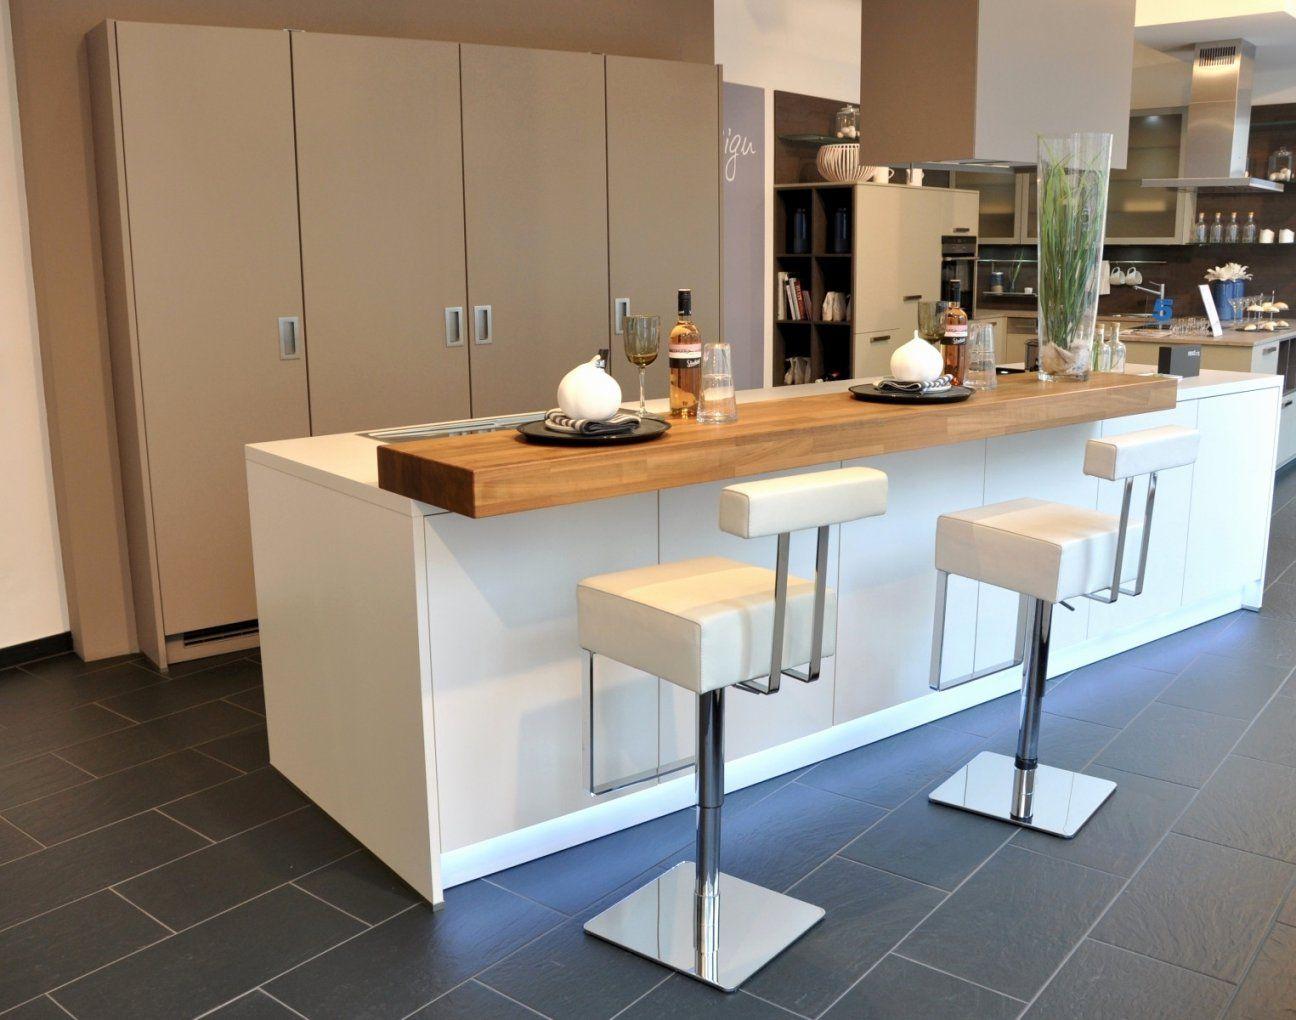 Küche Mit Kochinsel Und Sitzgelegenheit Inspirierend Ungewöhnlich von Küche Mit Kochinsel Und Sitzgelegenheit Bild